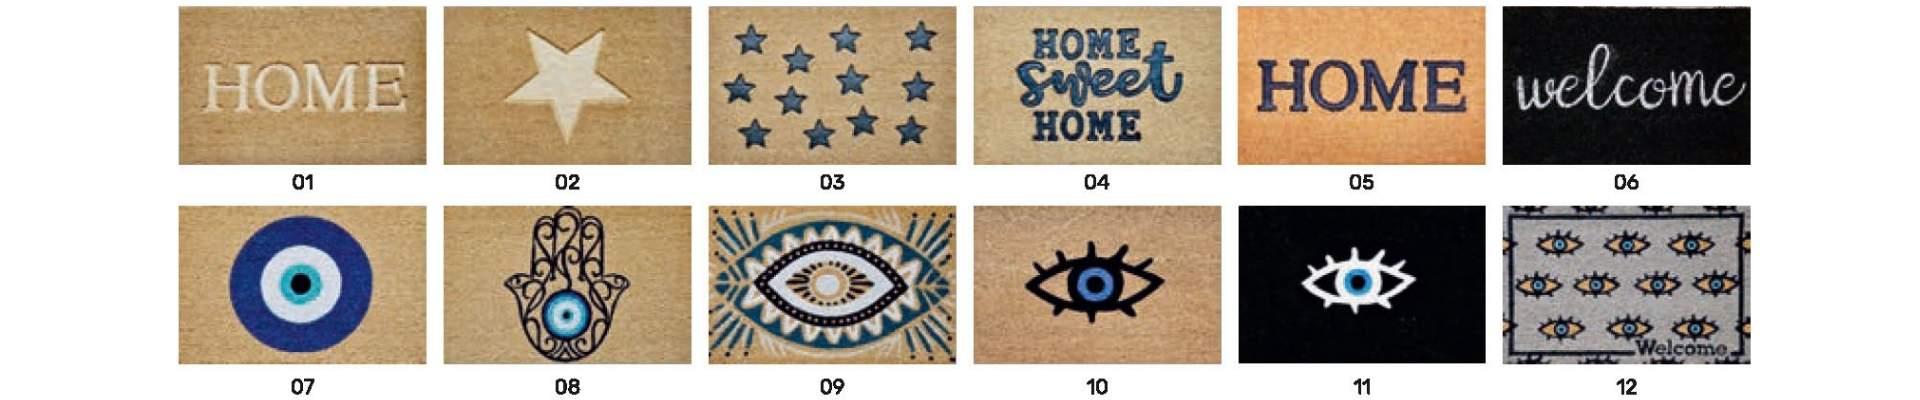 שטיח PVC שטיח למטבח